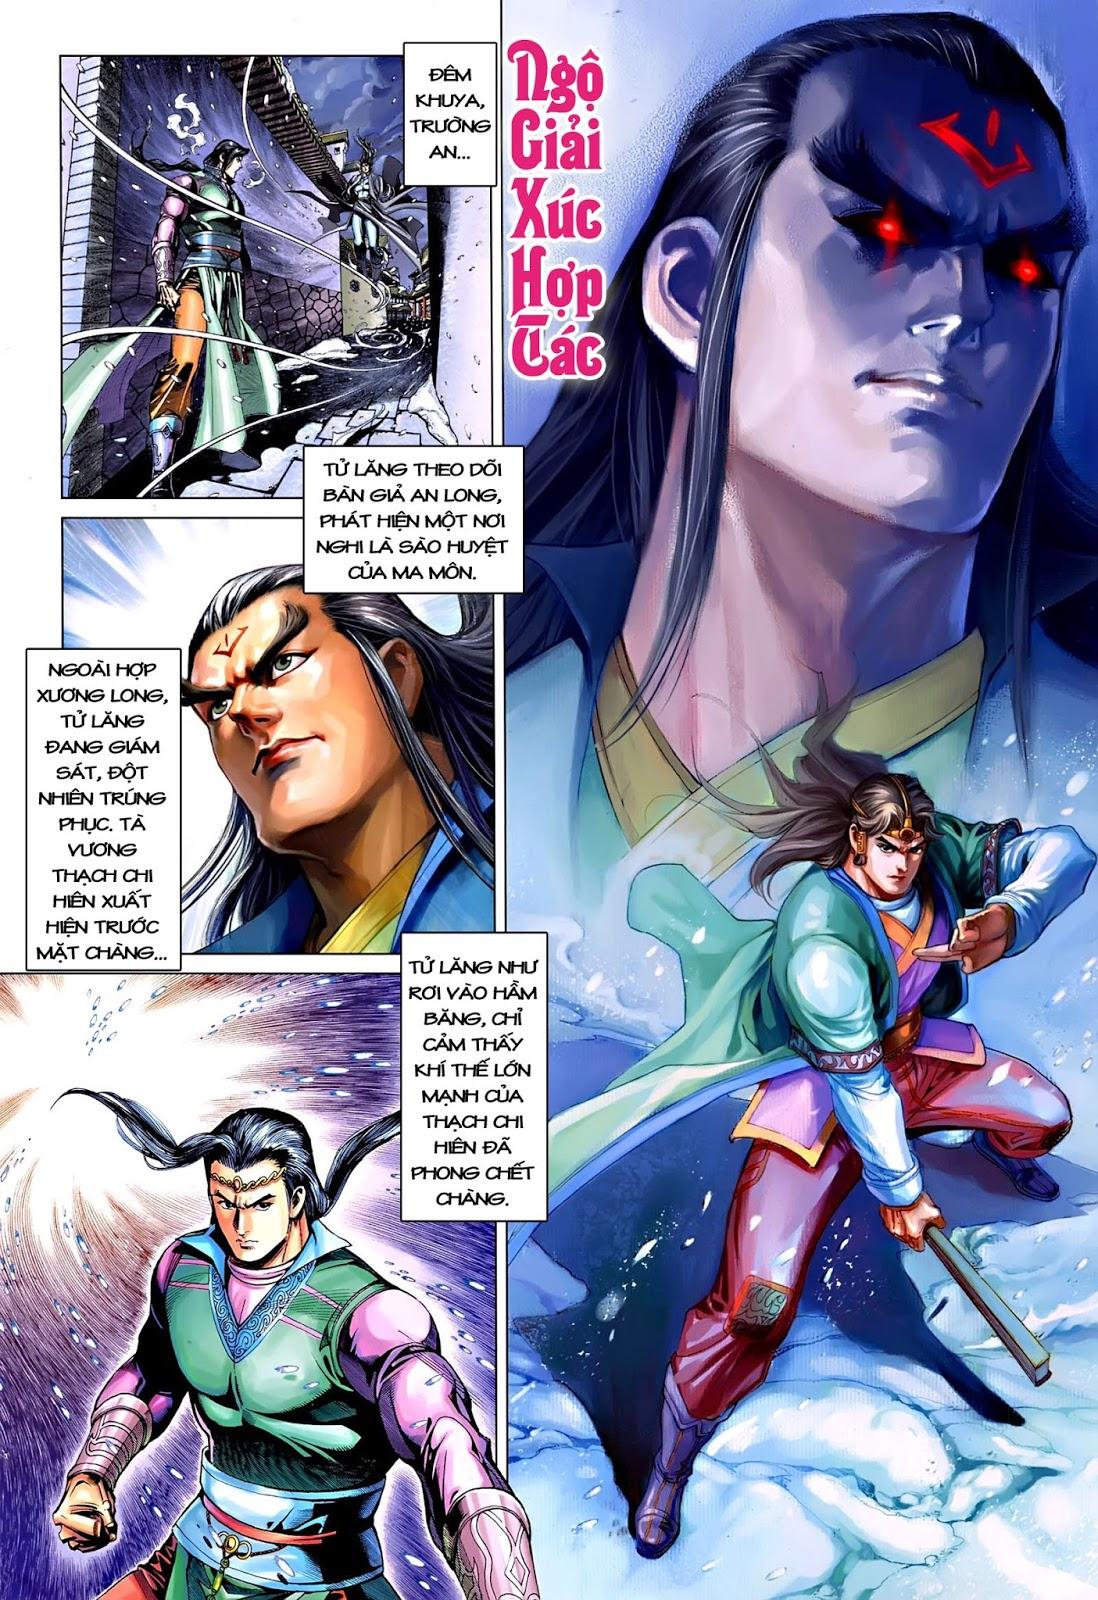 Đại Đường Song Long Truyện chap 216 - Trang 4